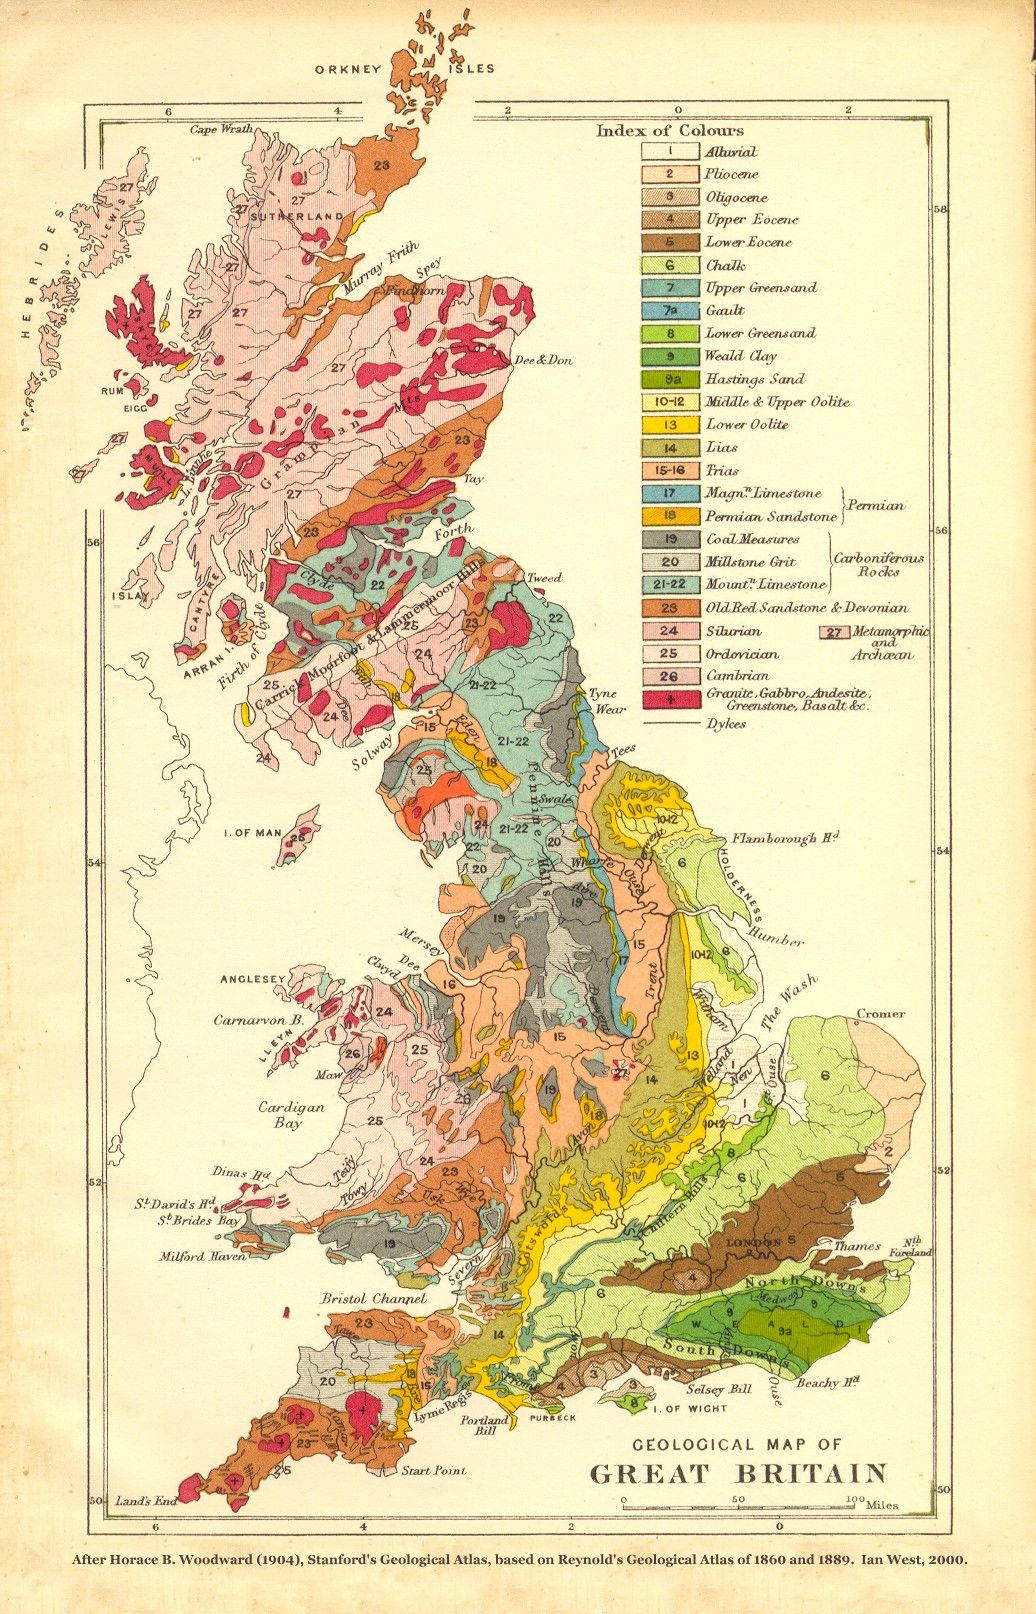 Carte Geologique Australie.Carte Geologique De La Grande Bretagne Ecosse Pays De Galles